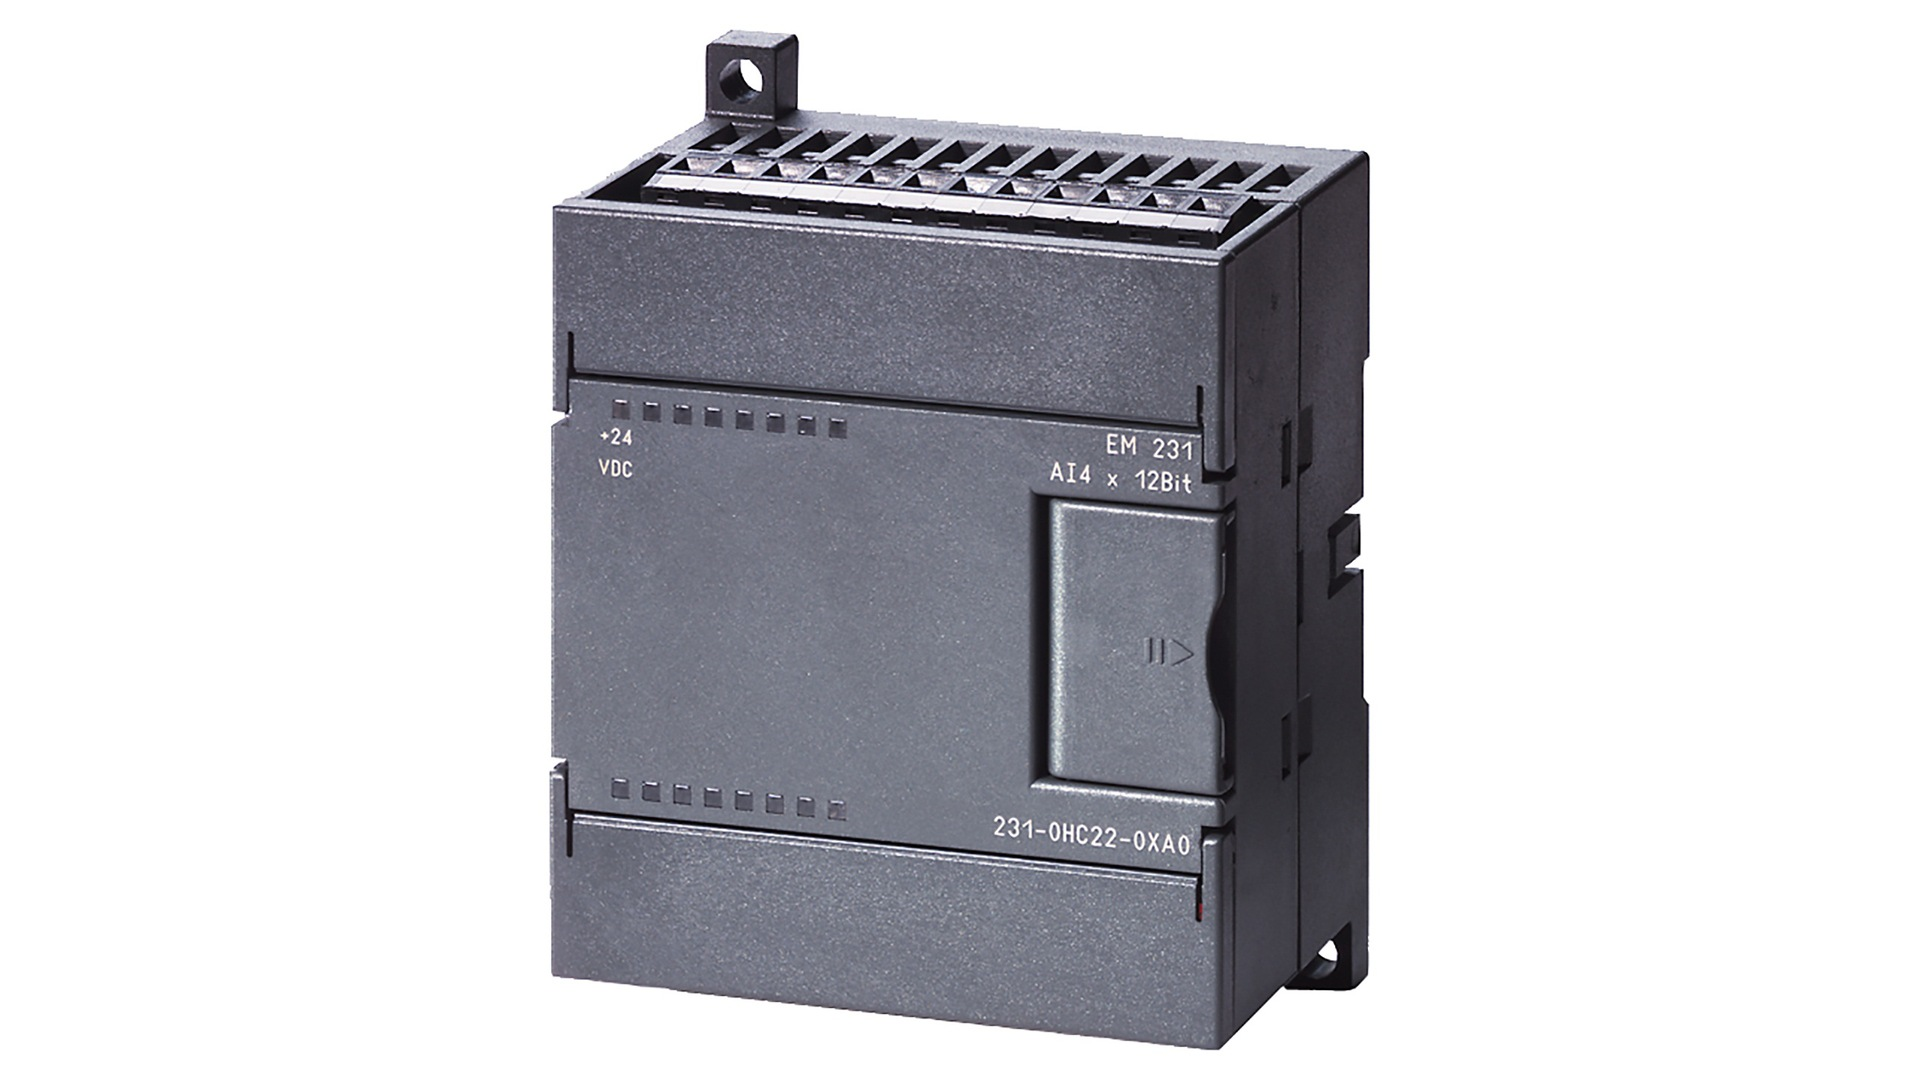 特促西门子siemens PLC S7-200 授权代理商 6ES7231-7PF22-0xA0